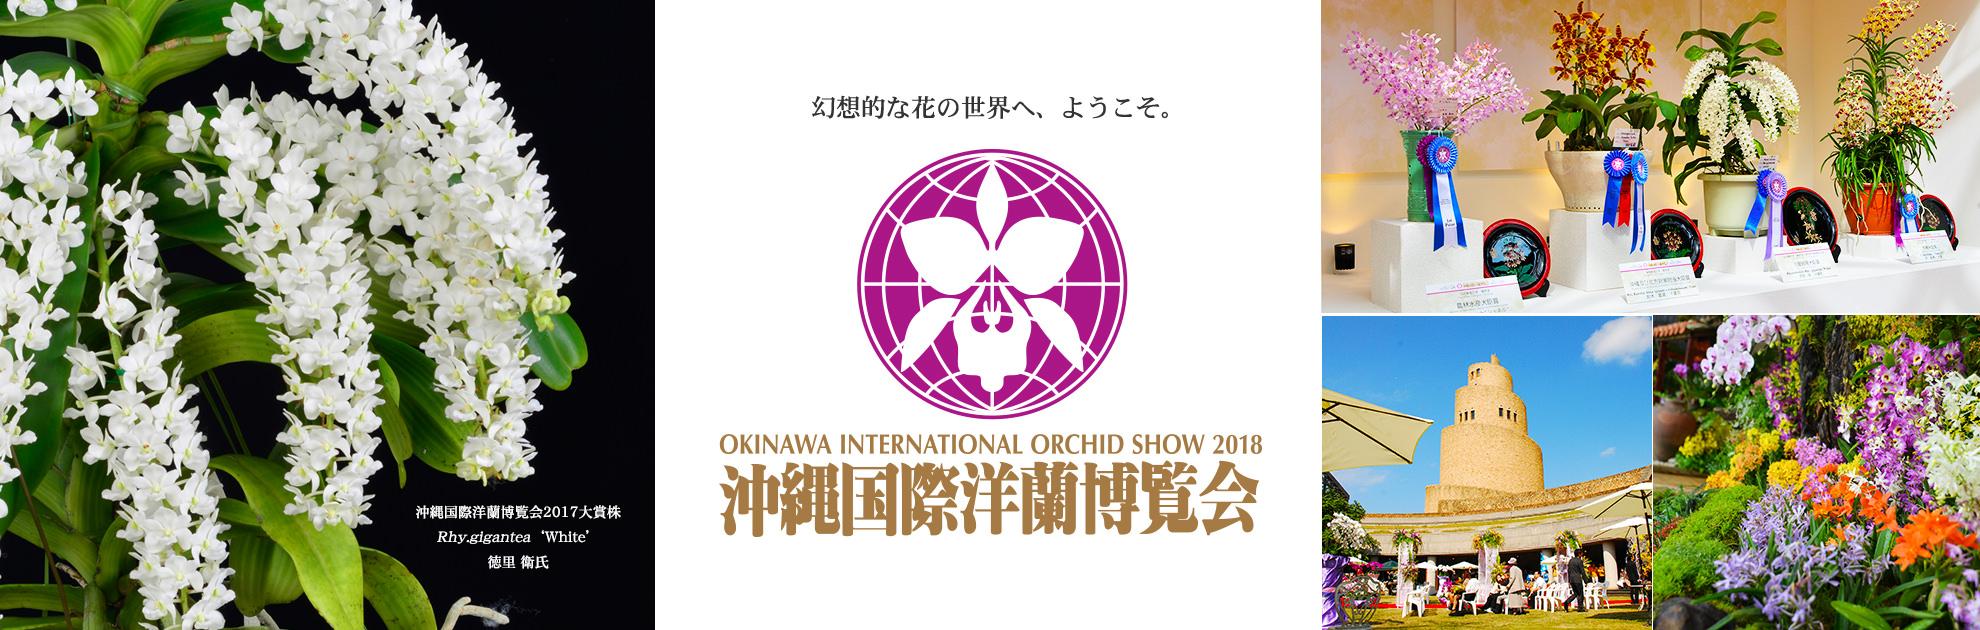 오키나와국제 서양란 박람회 2018